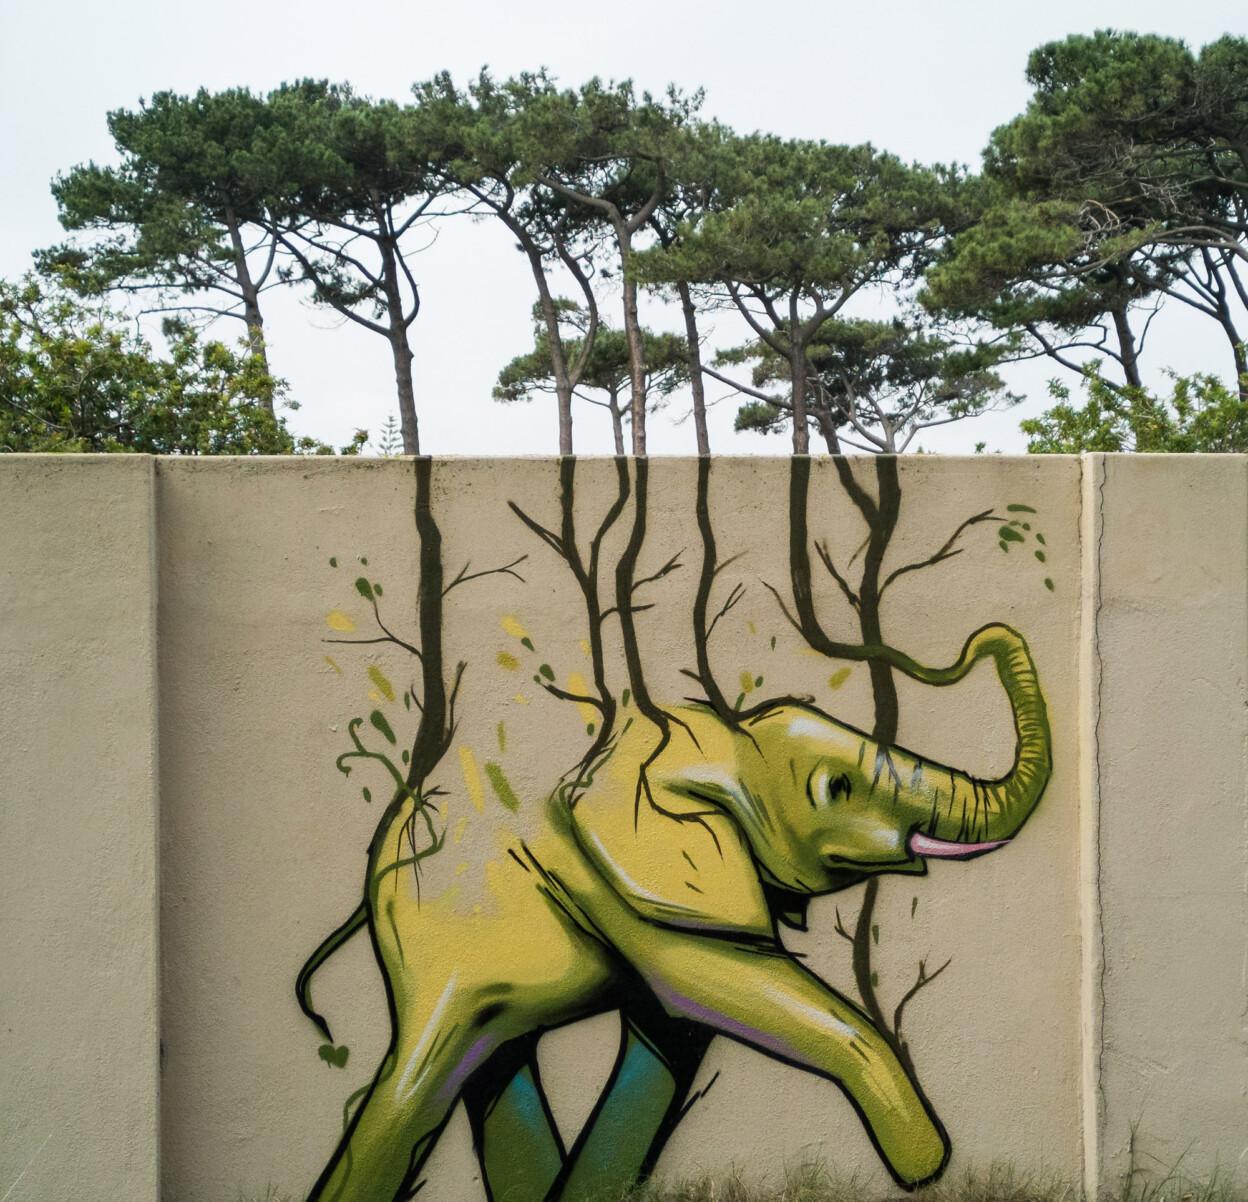 Артист создава неверојатни мурали со слонови кои ја разубавуваат околината